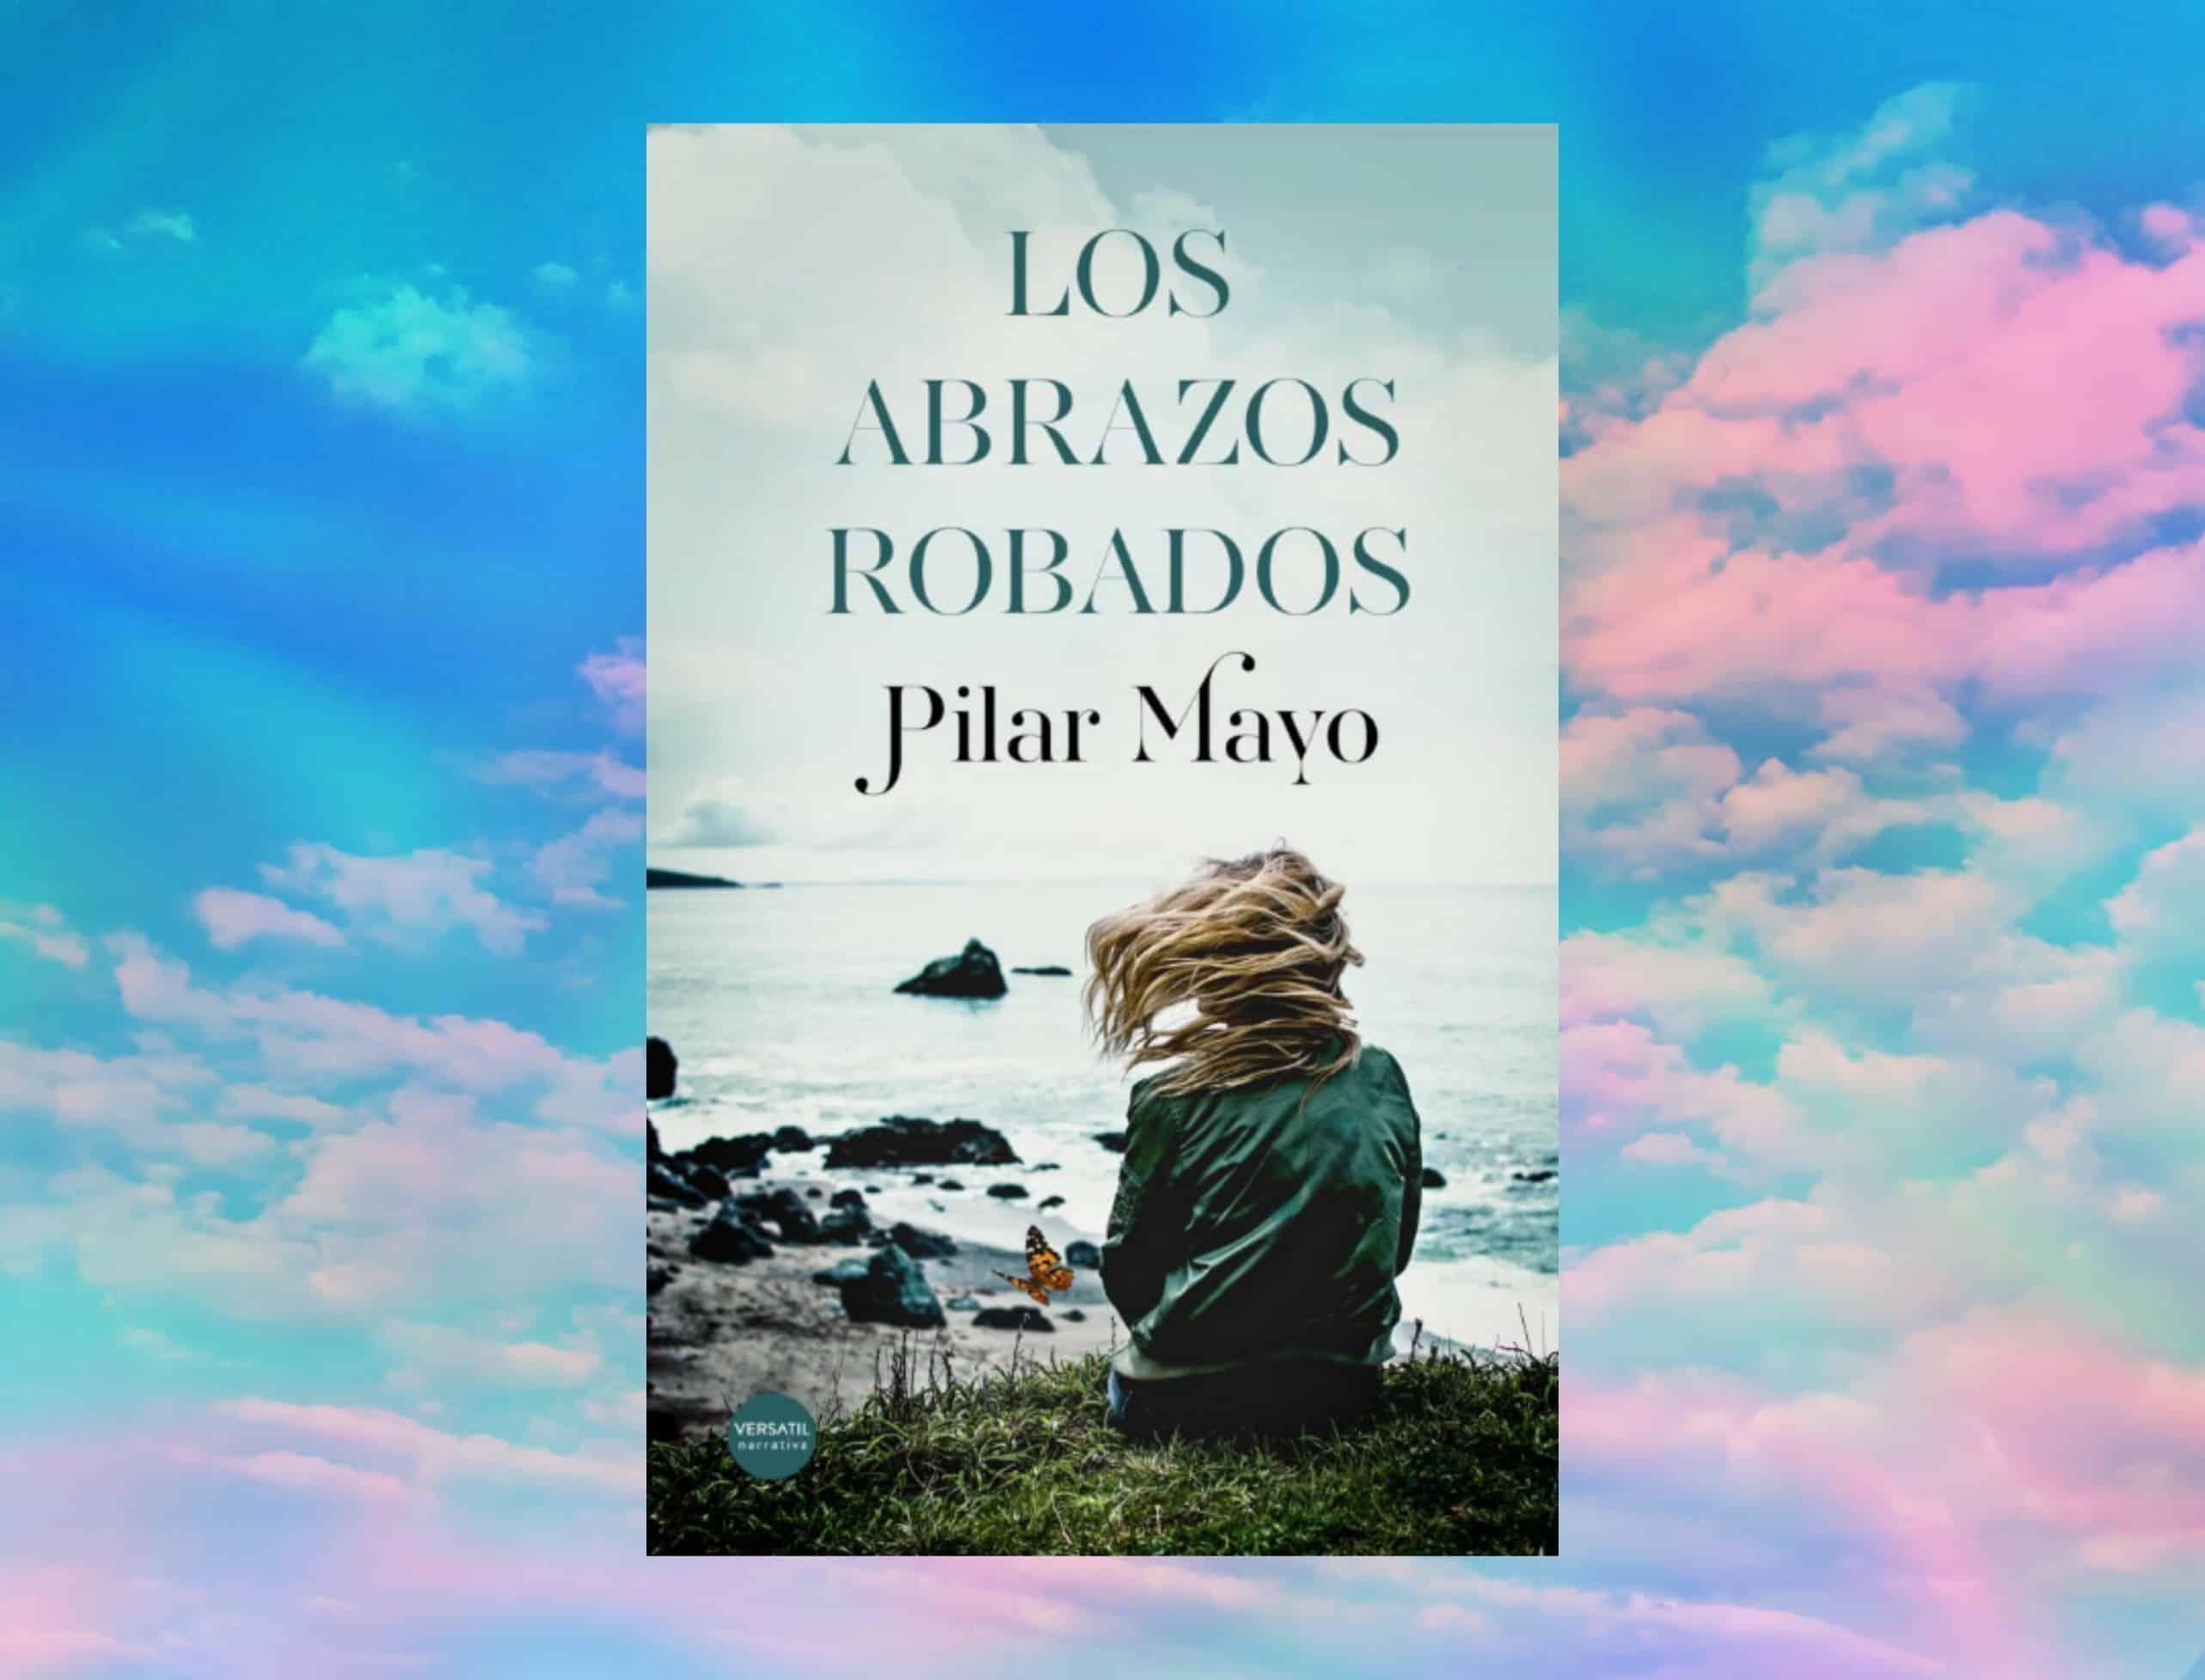 Los abrazos robados, de Pilar mayo